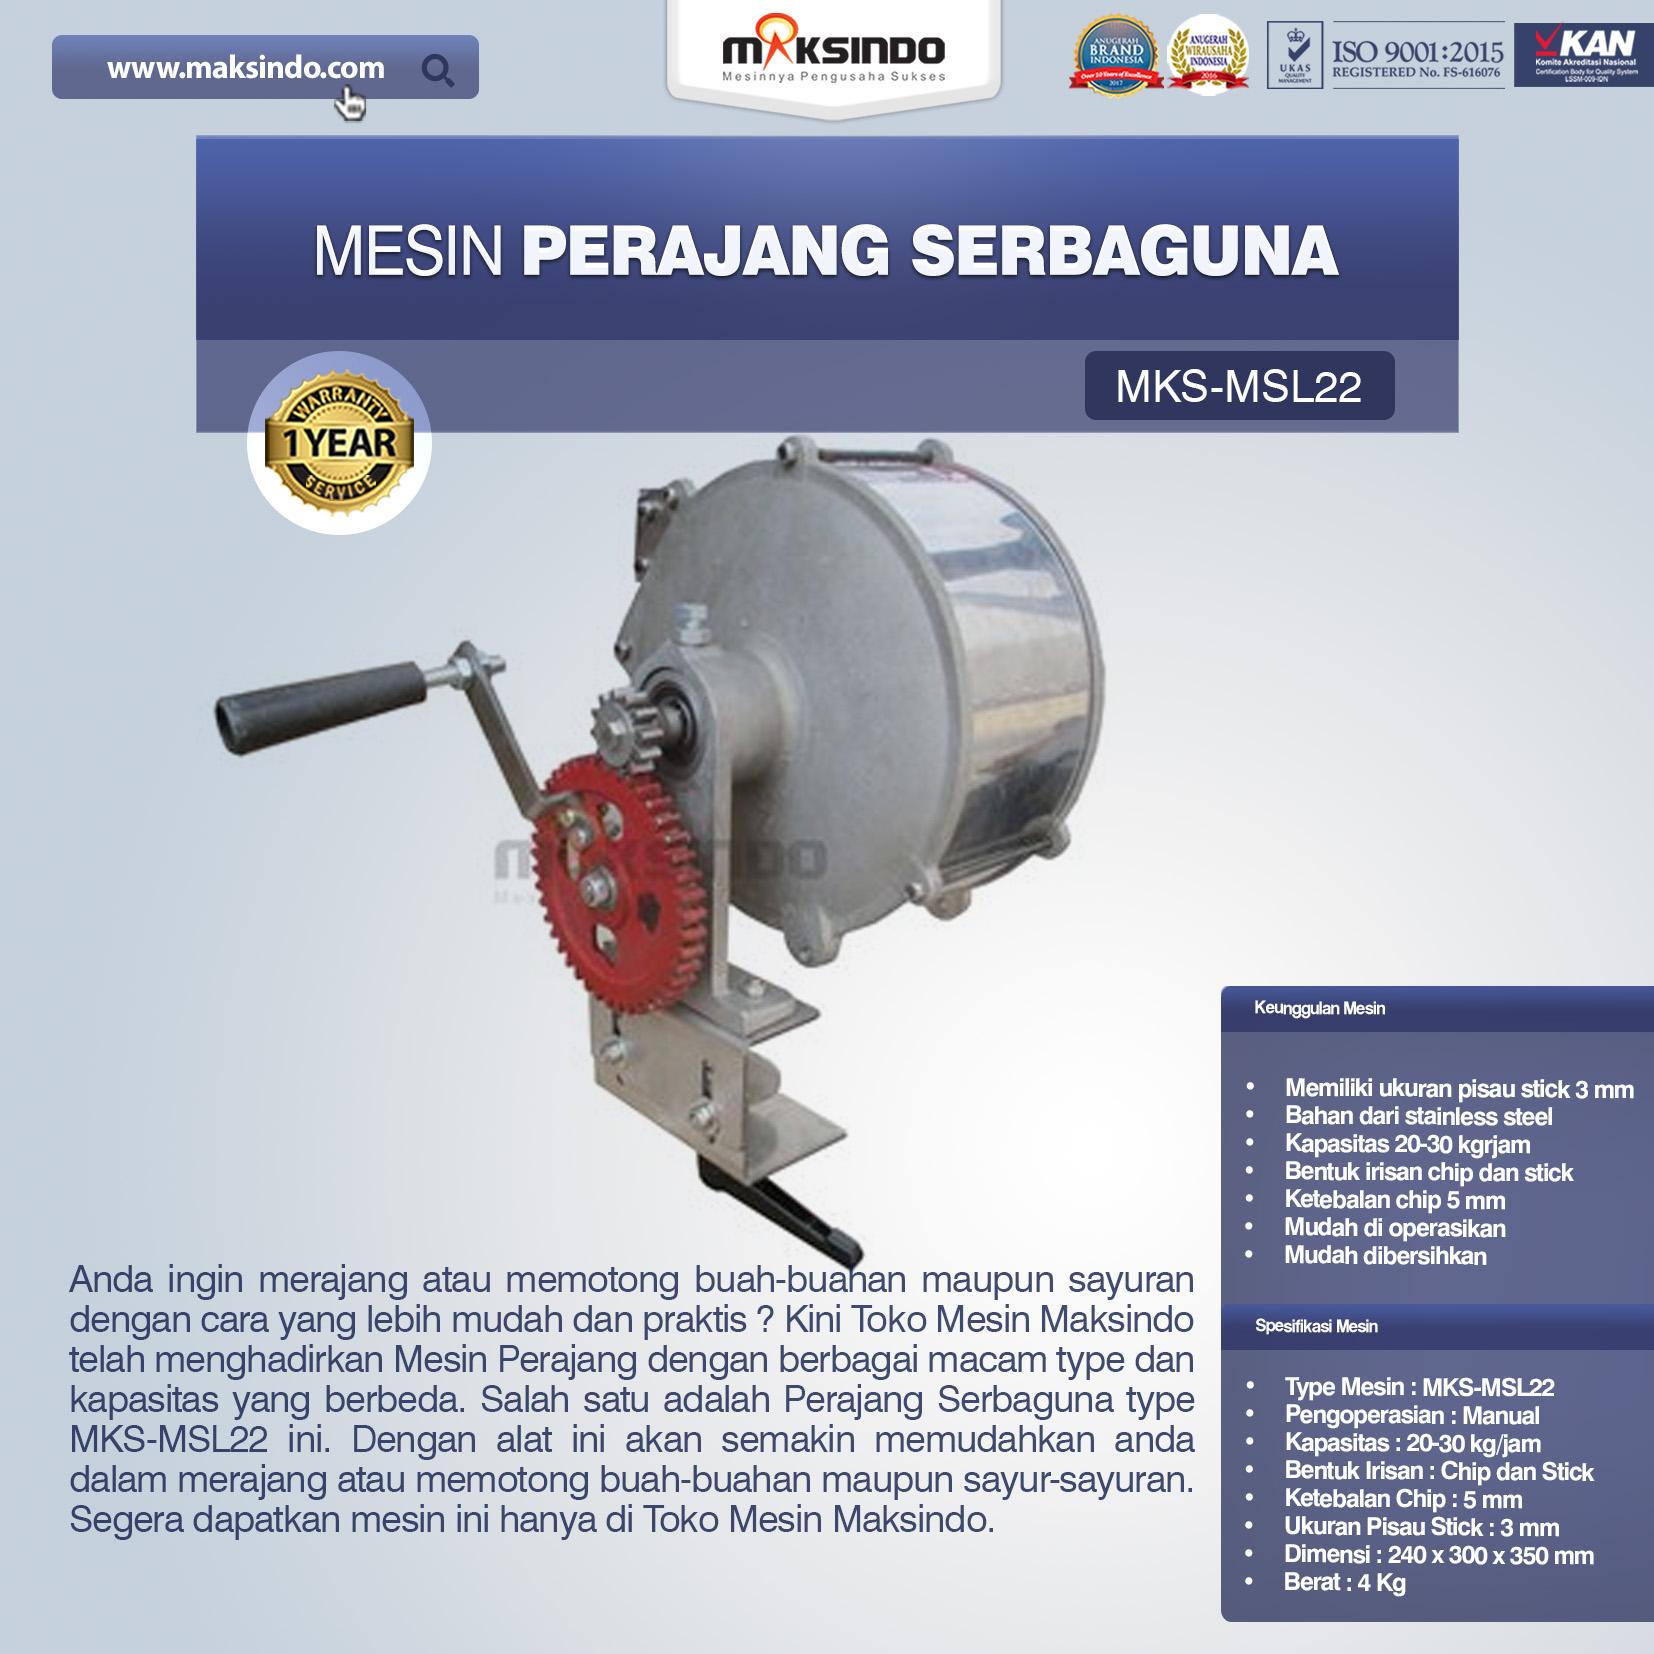 Jual Perajang Serbaguna MKS-MSL22 di Bandung